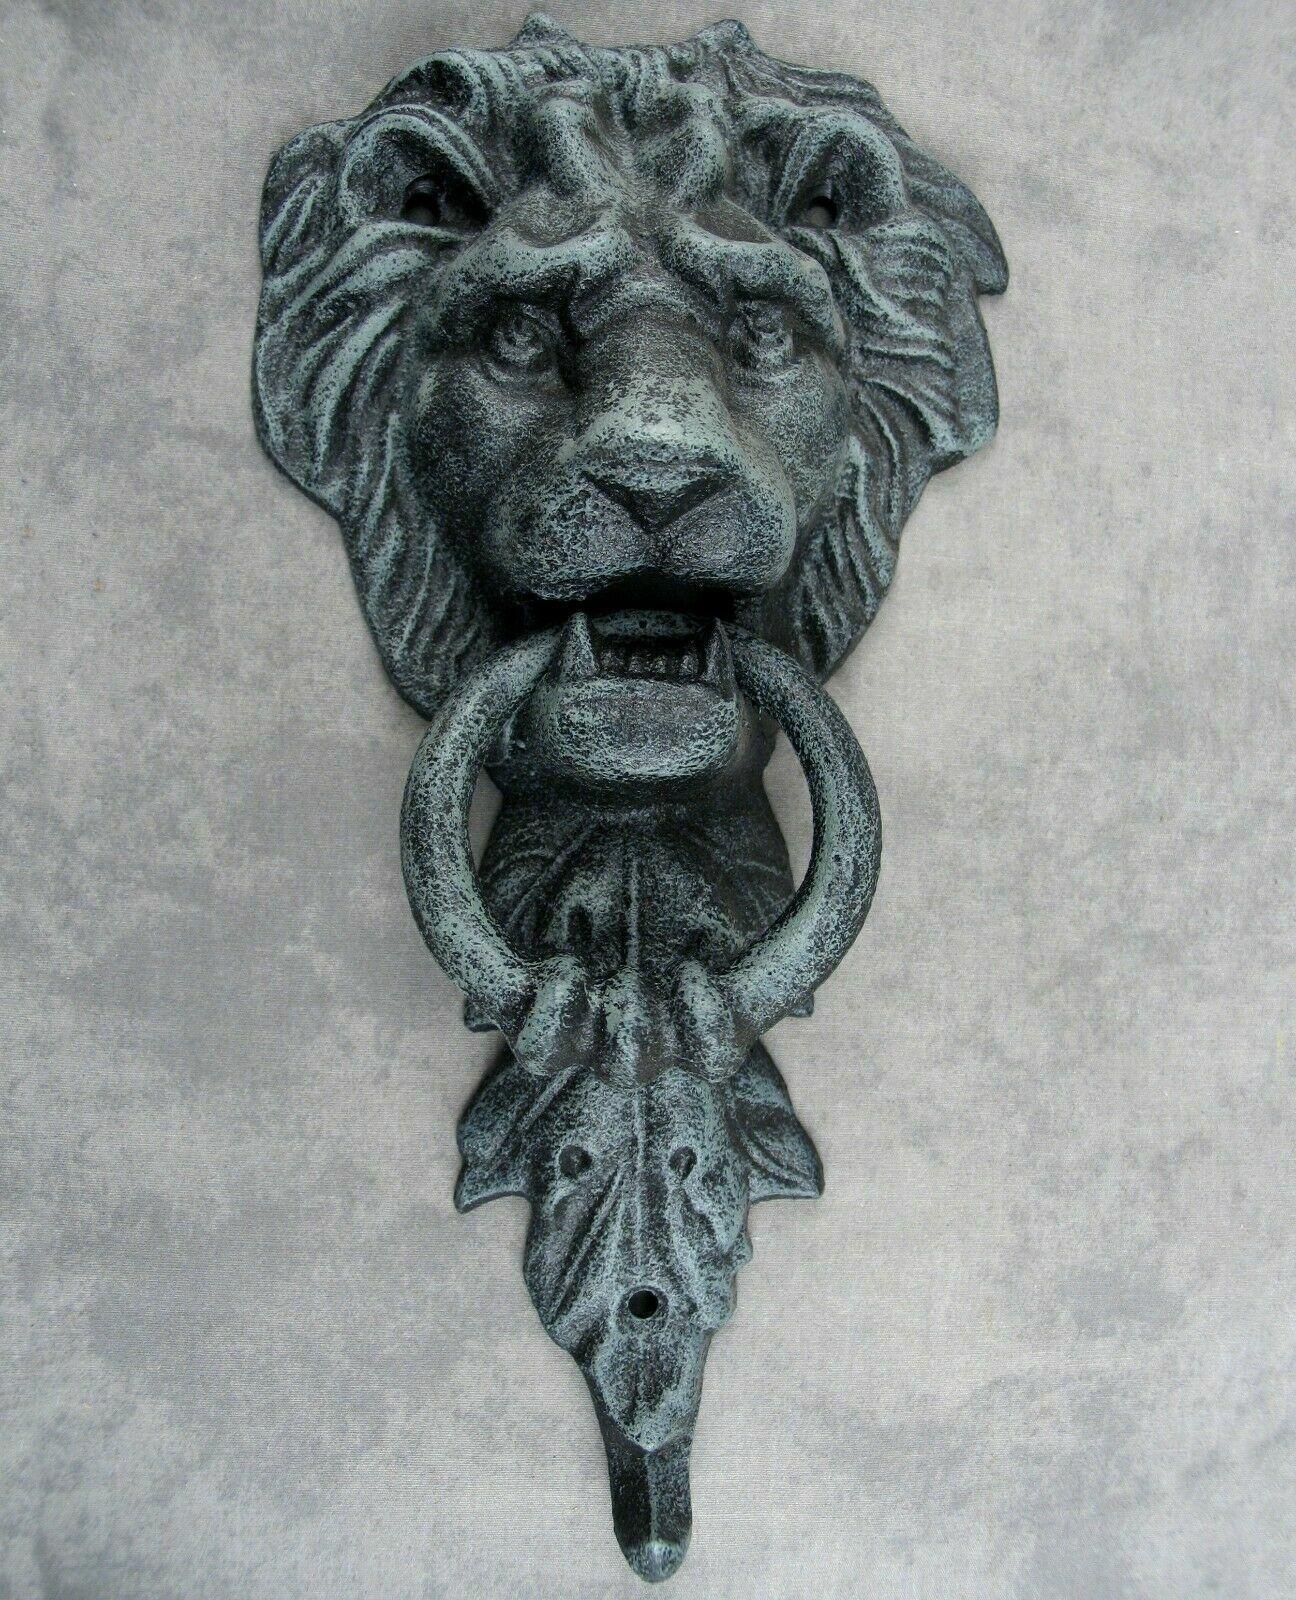 Majestic Lion Head Cast Iron Door Knocker Antiqued Verdigris Green Doorknocker